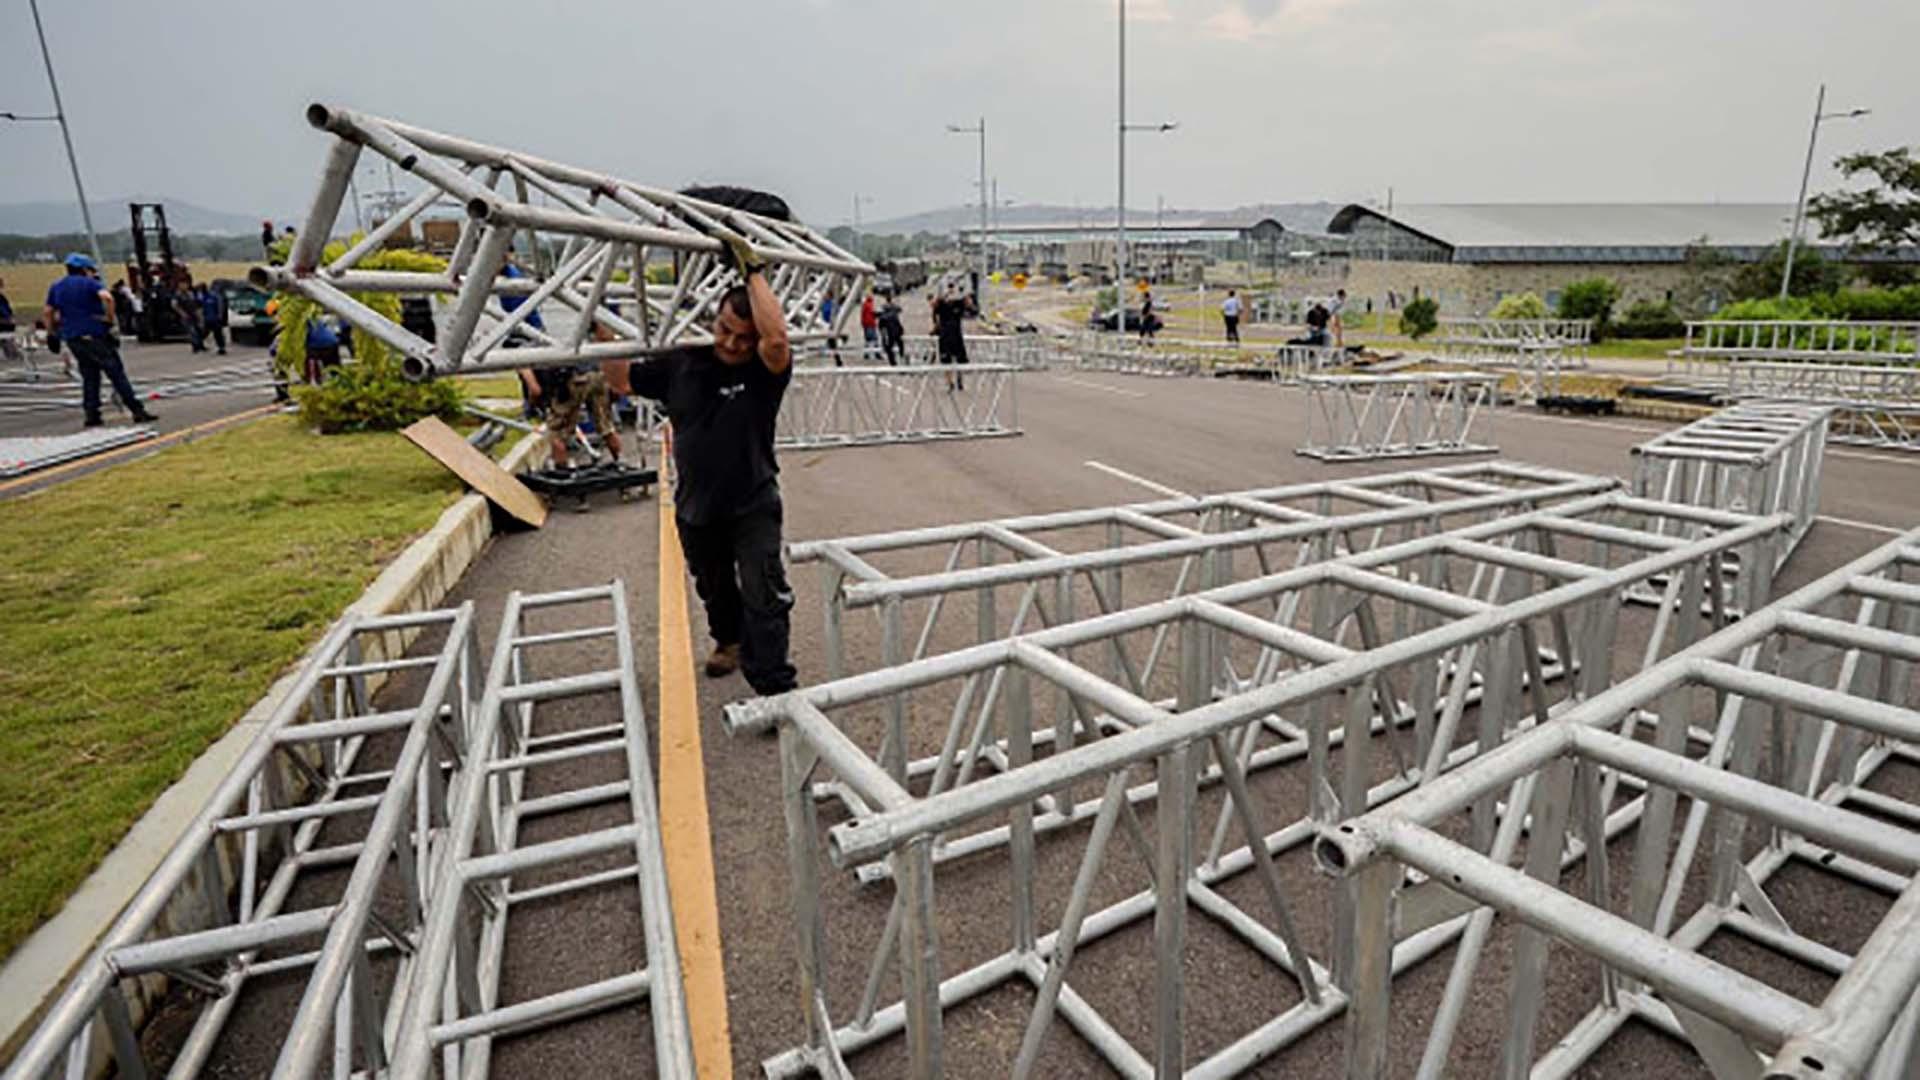 Decenas de trabajadores montan el escenario para el viernes 22 de febrero(Photo by Luis ROBAYO / AFP)